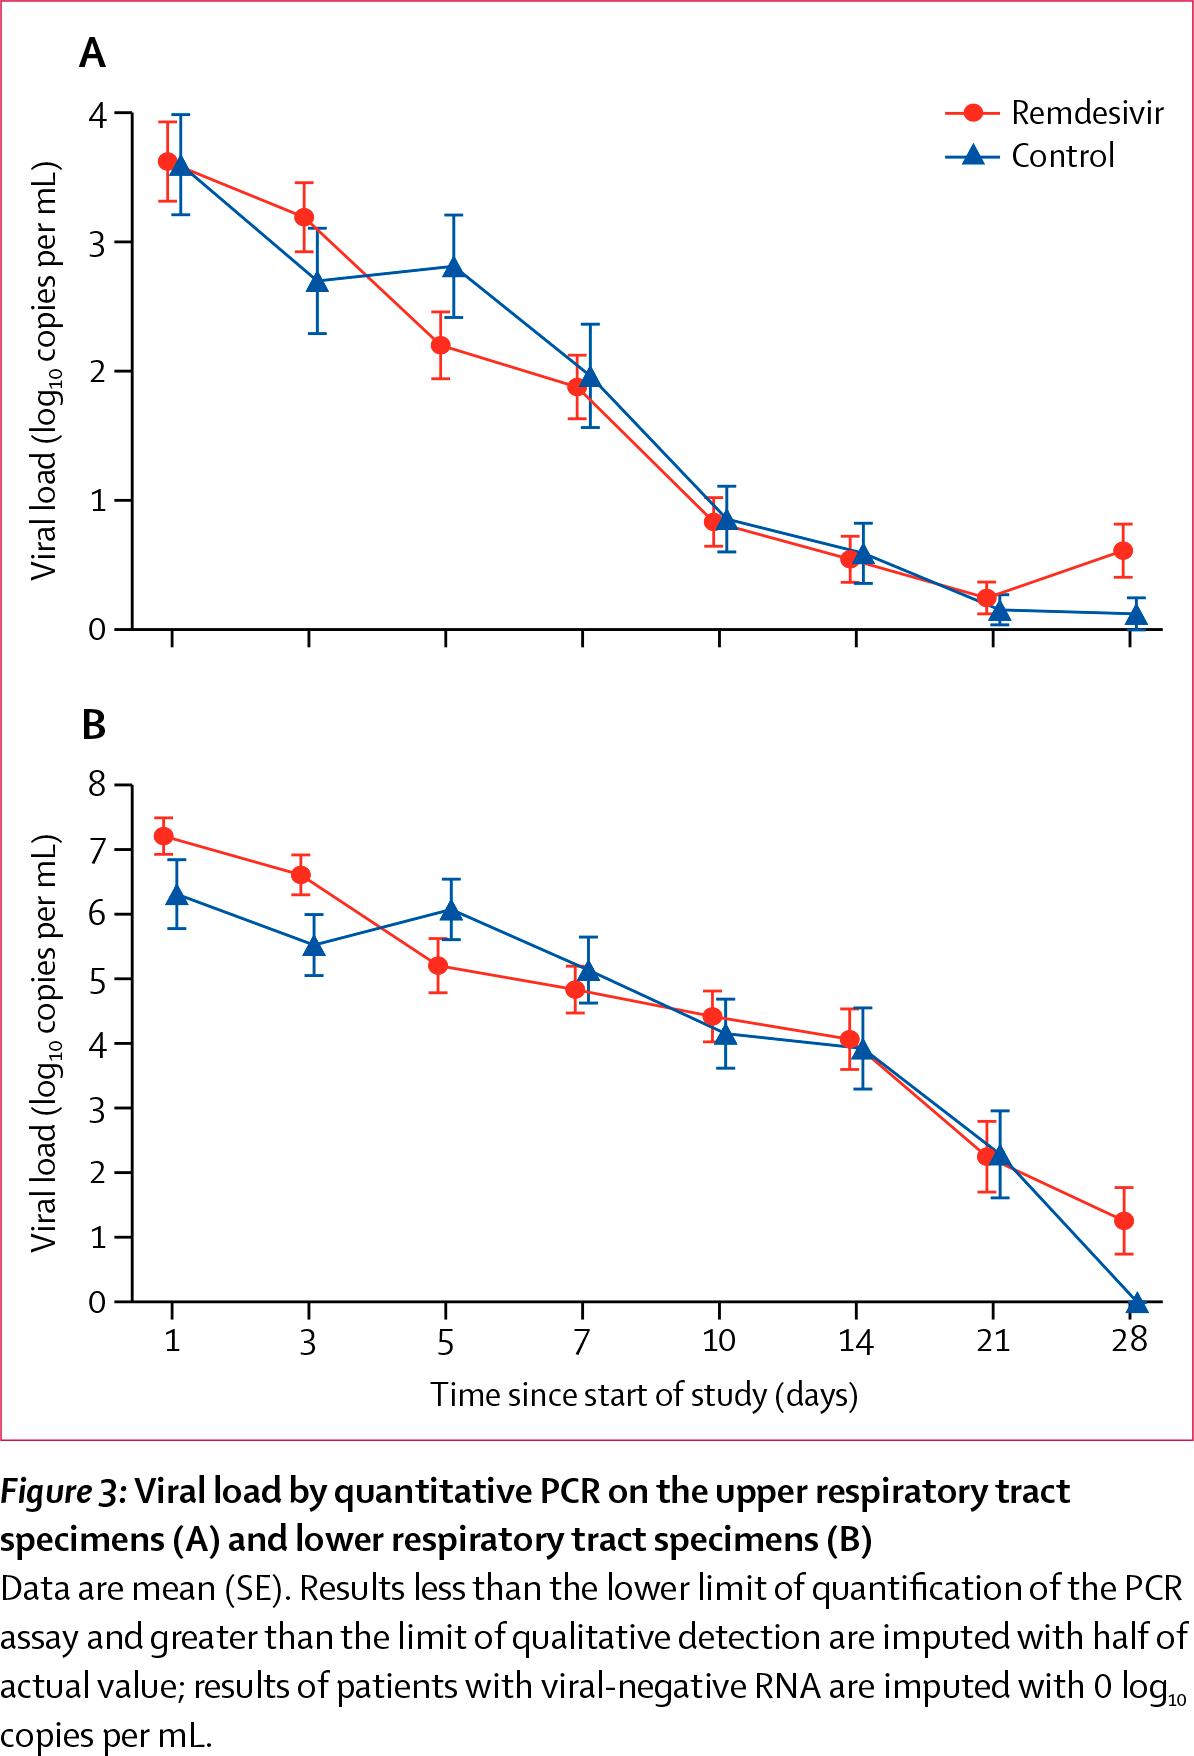 nct04257656 results 02 - Коронавирус. Лекарства. Ремдесивир провалил первую важную проверку